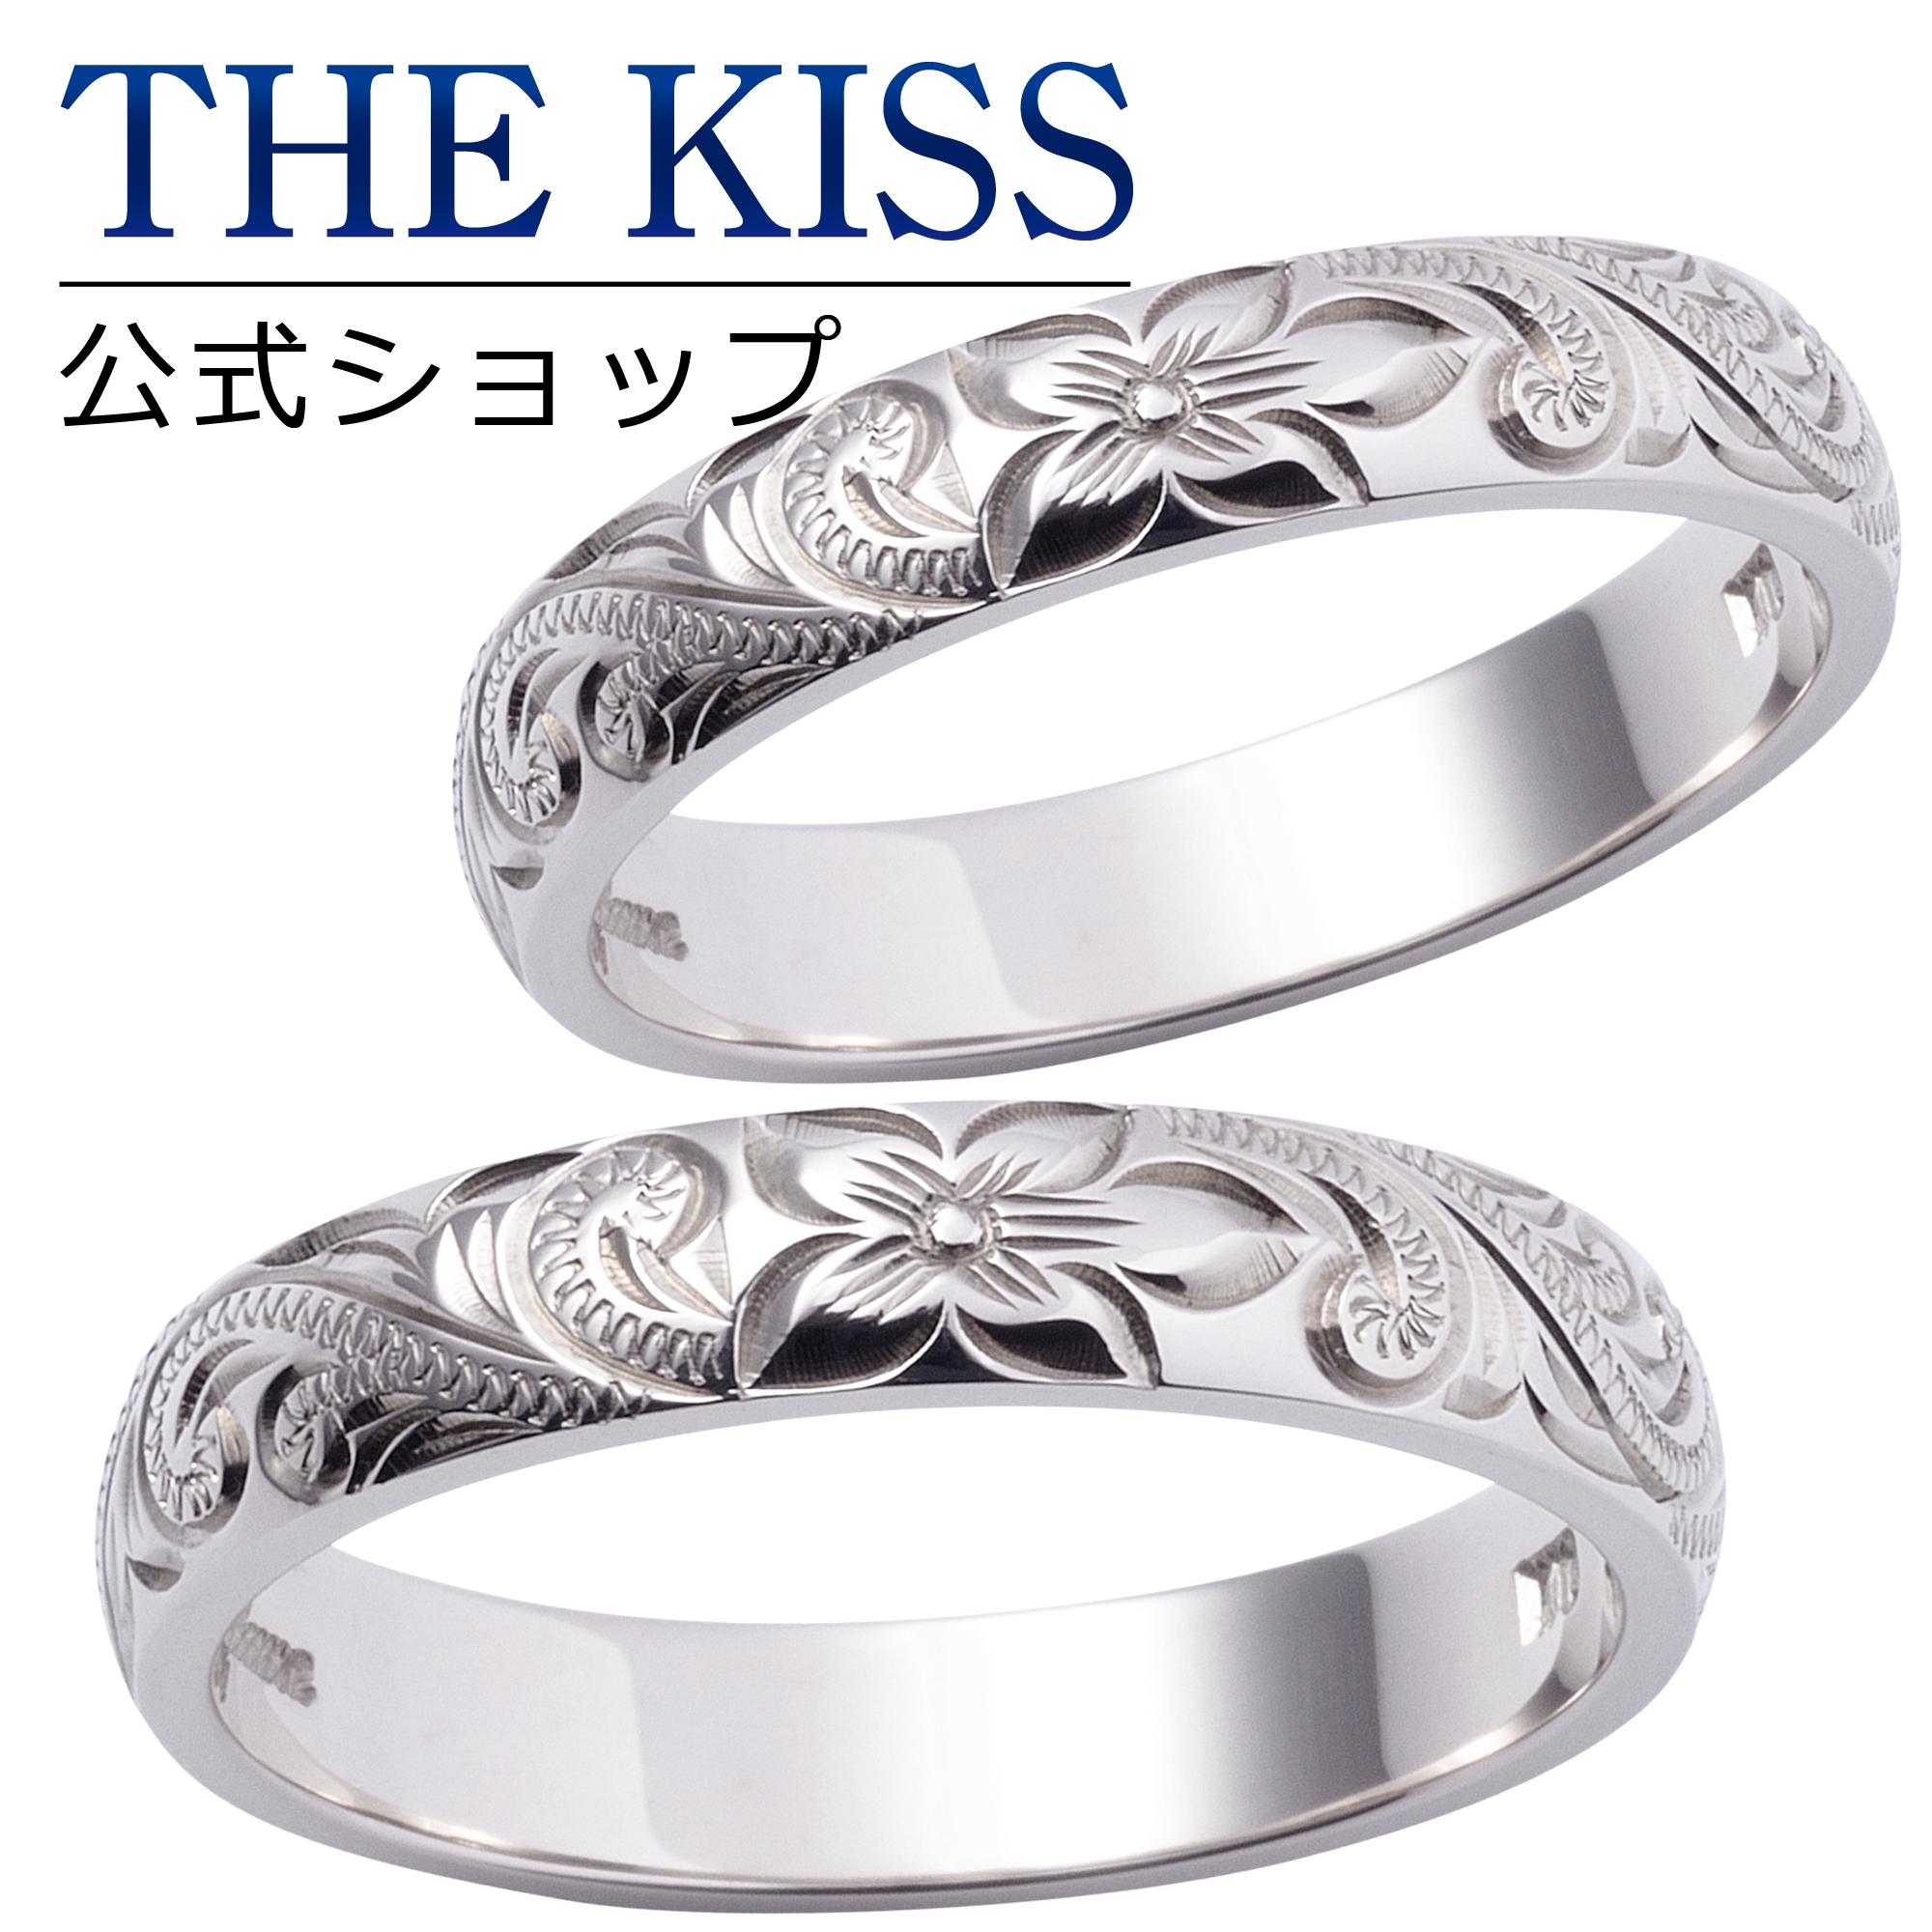 【刻印可_10文字】【Kahuna】 K10ホワイトゴールド マリッジリング ハワイアンジュエリー Fancy Scroll ファンシースクロール 結婚指輪 ペアリング THE KISS ザキッス リング・指輪 50W-RB-32-210_50W-RB-32-220_WG セット シンプル 男性 女性 2個ペア ザキス 【送料無料】